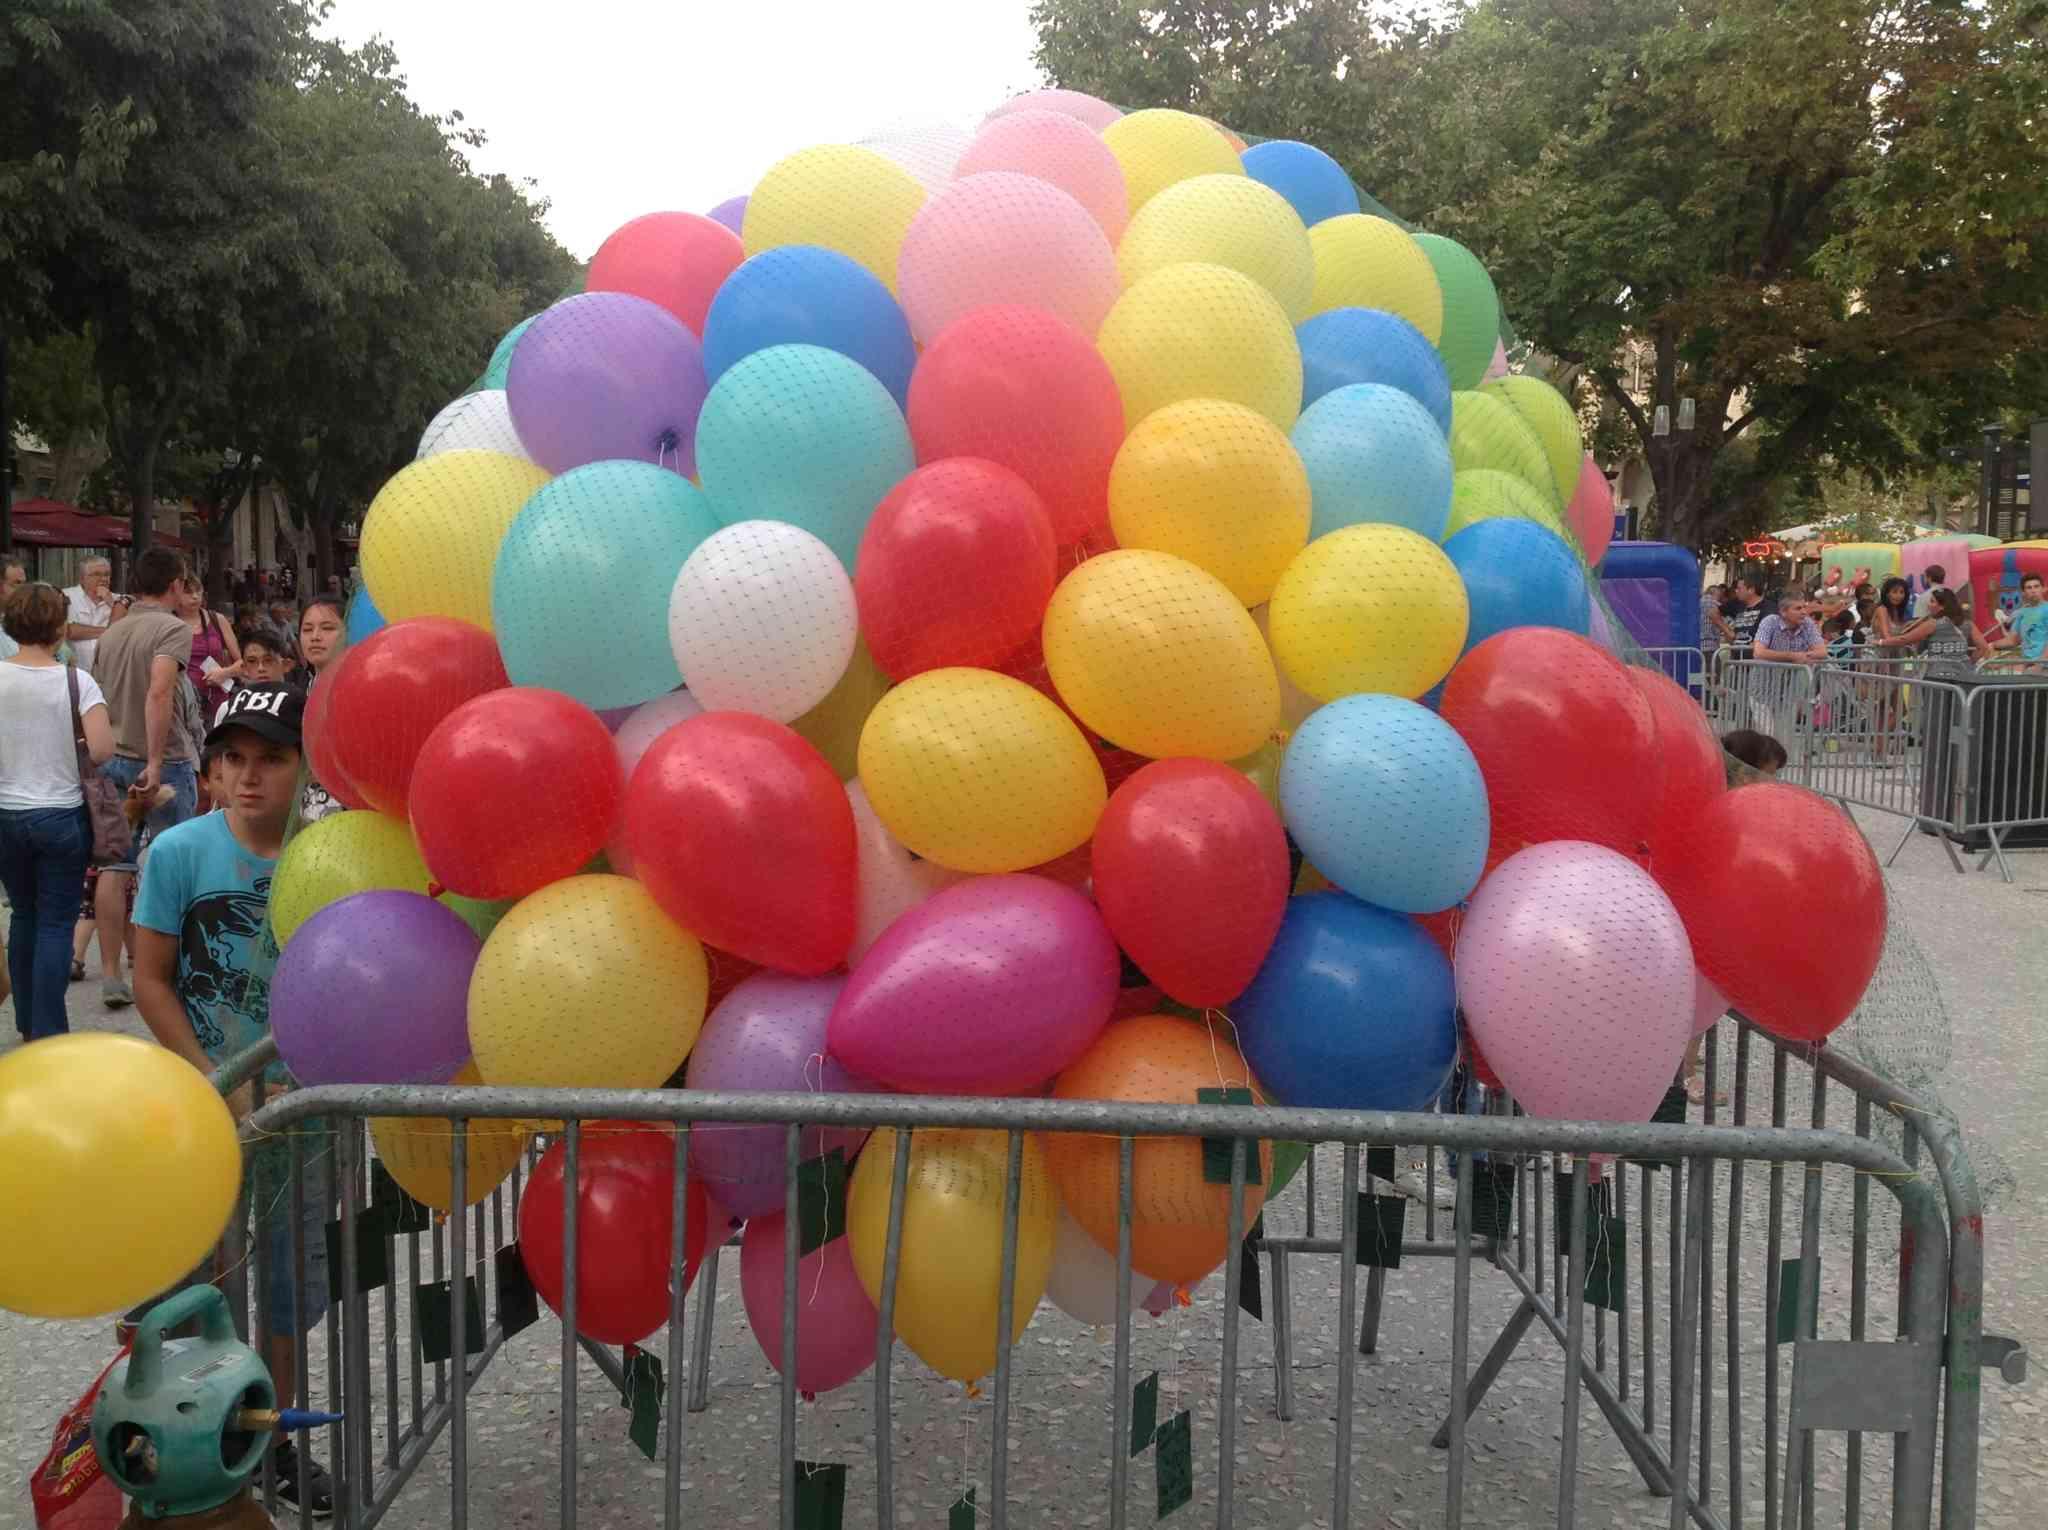 des ballons emprisonnés sous un filet en attendant d'être lâchés